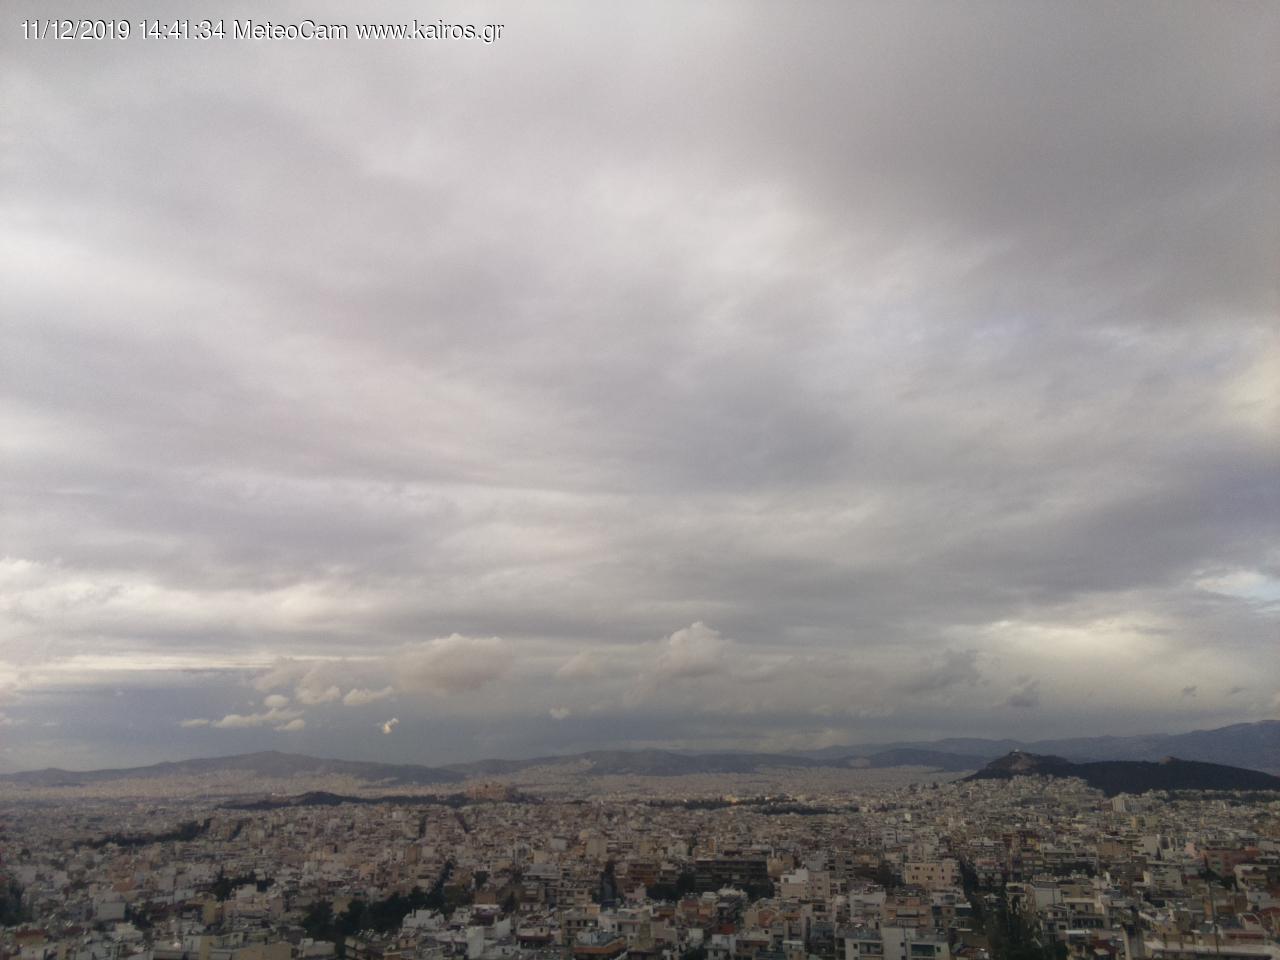 Athens live Cam